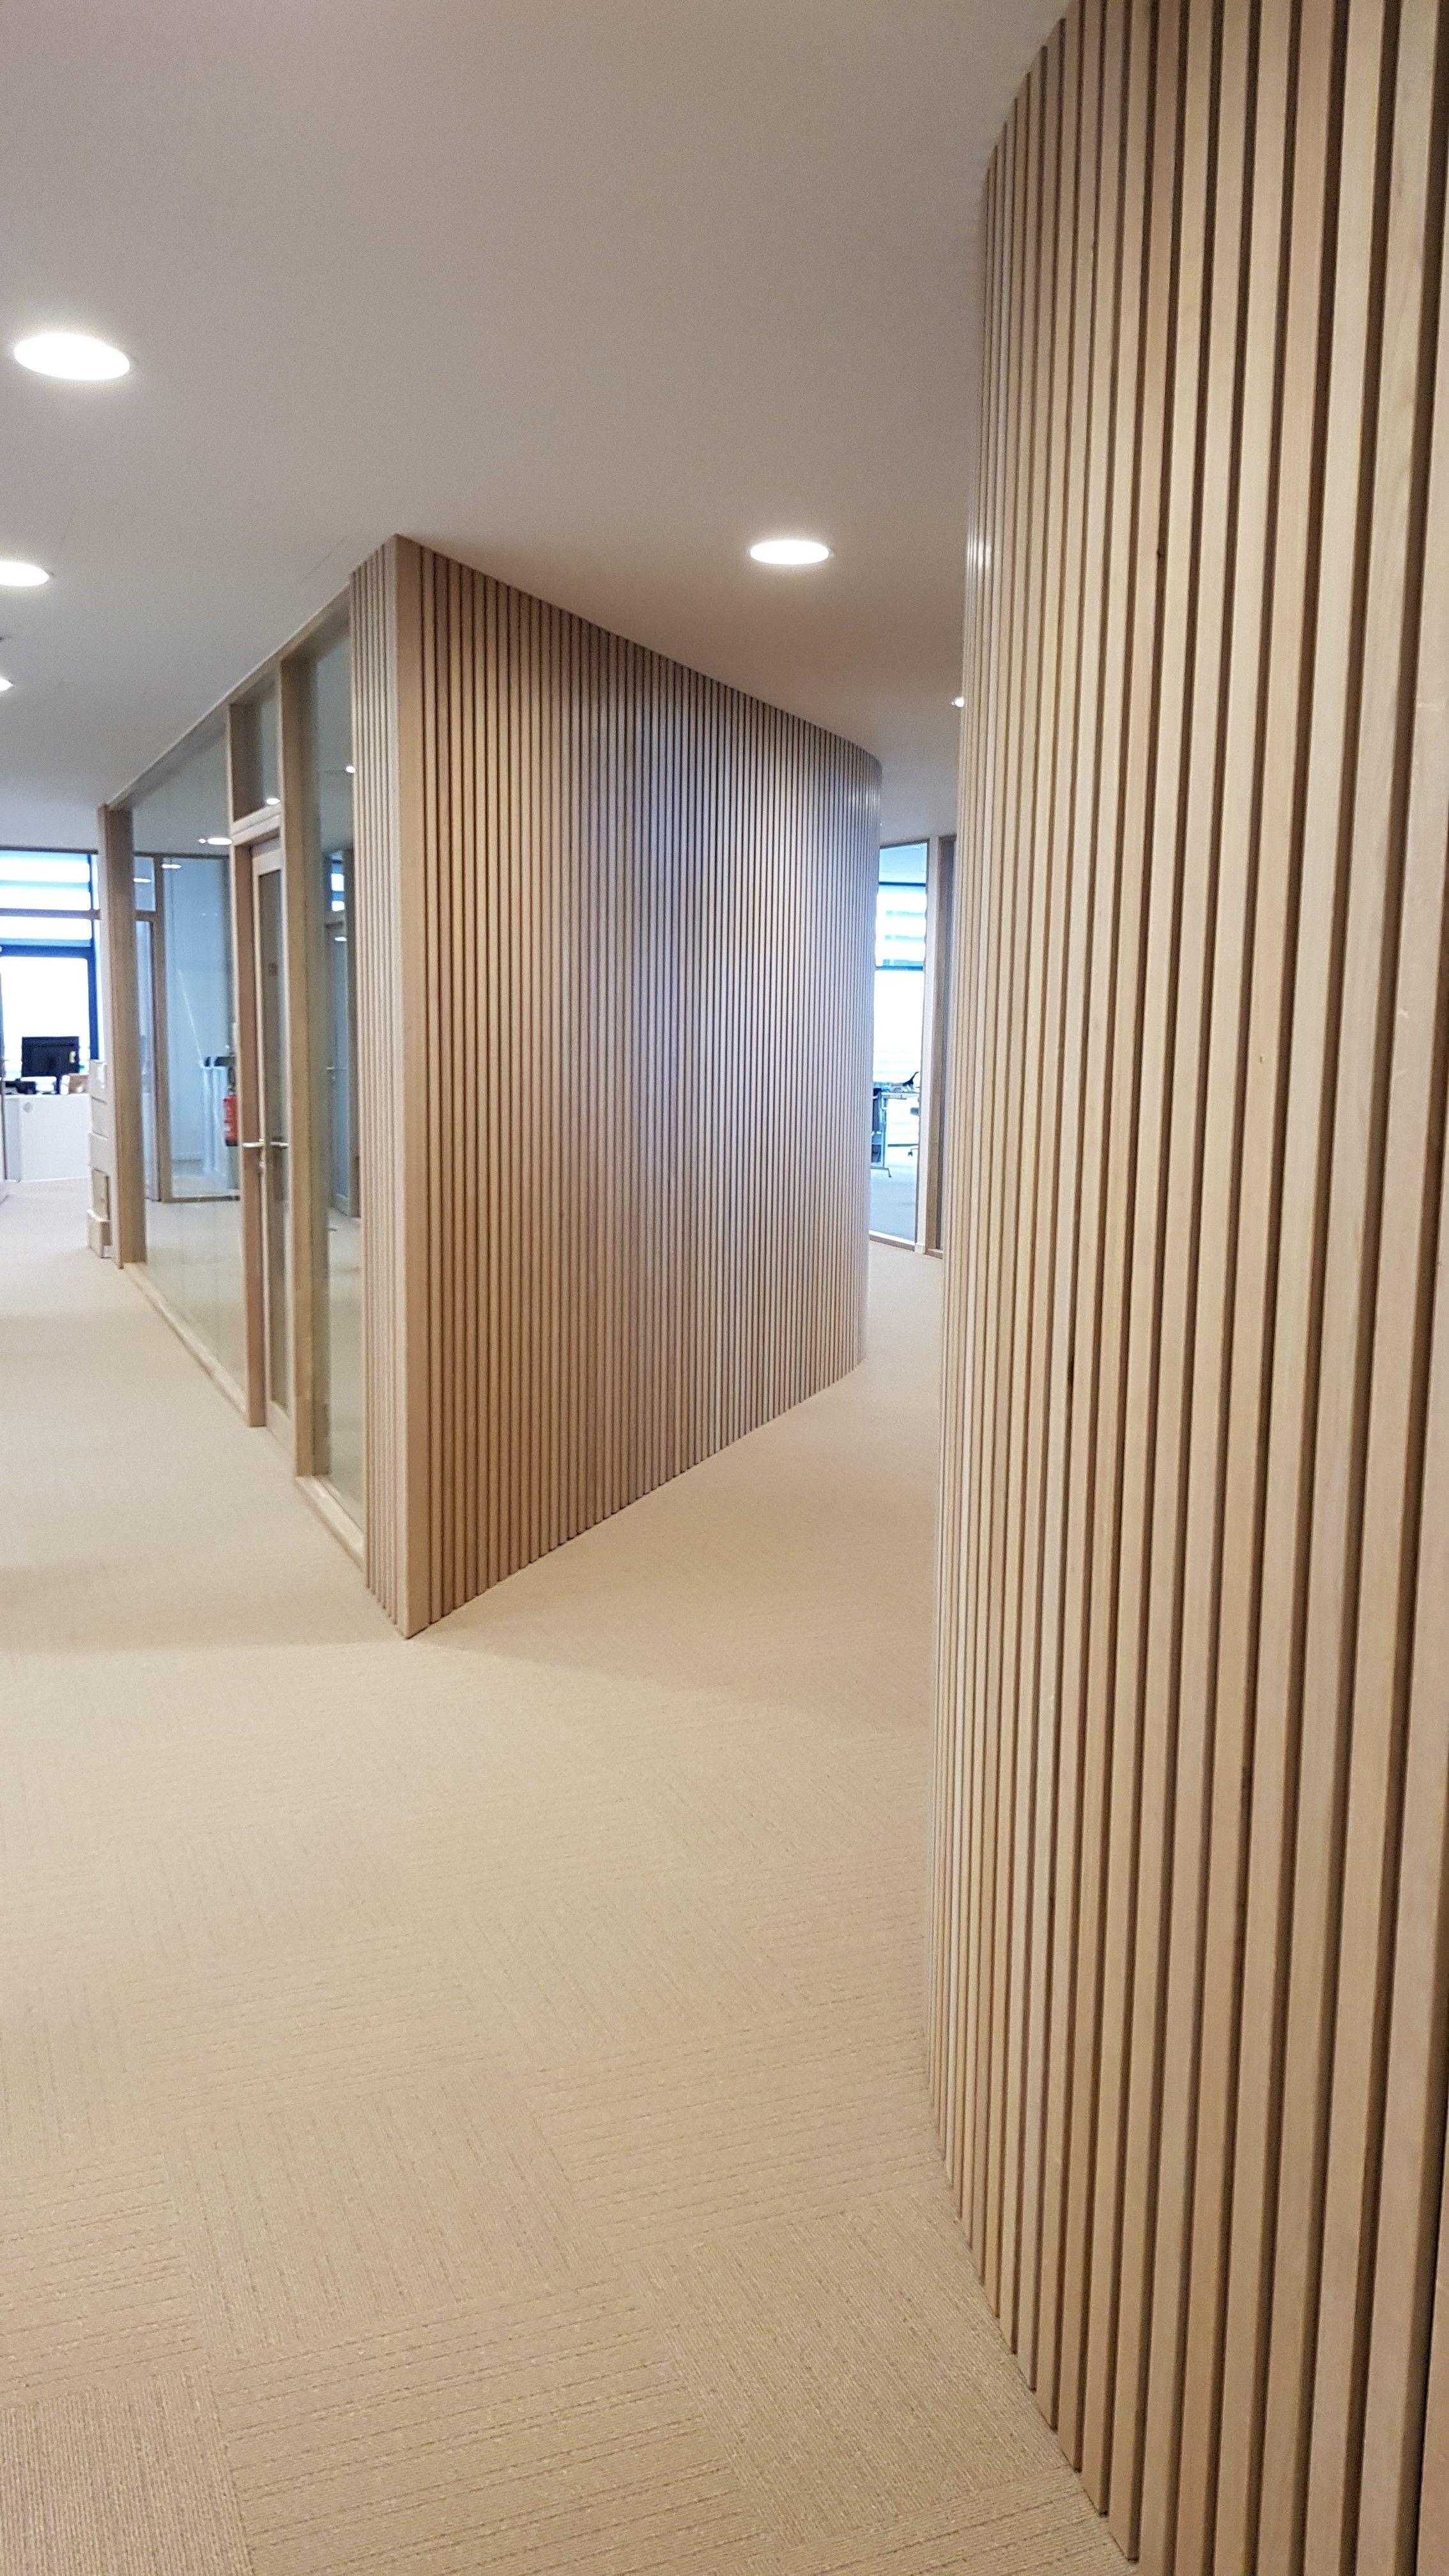 Cloisons Bois Bois Design Agencement Surmesure Menuiserie